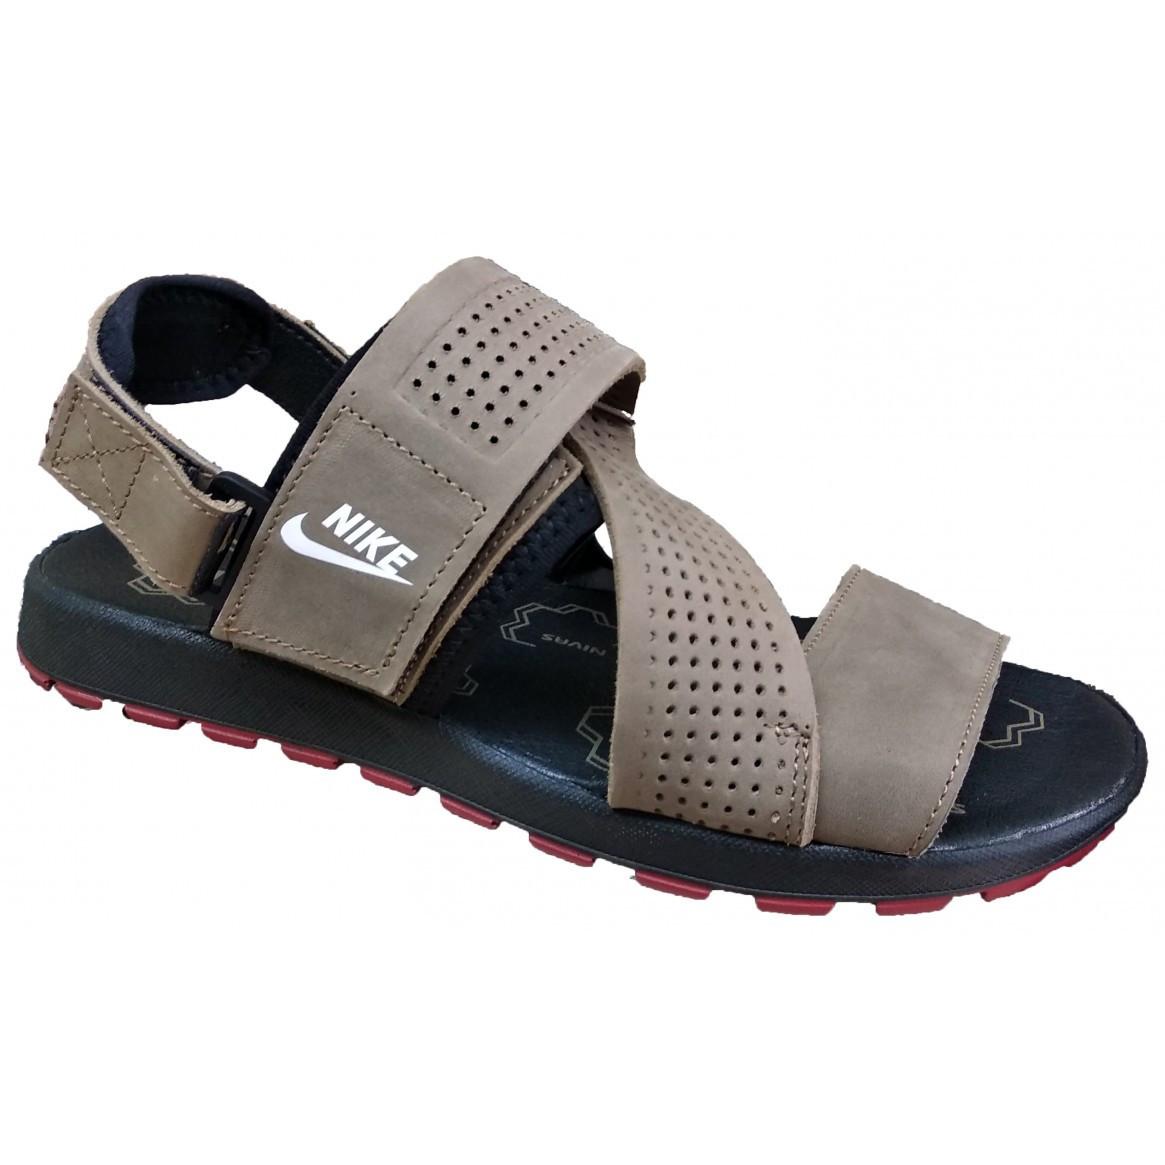 Кожаные мужские сандалии летние   40-45  лате